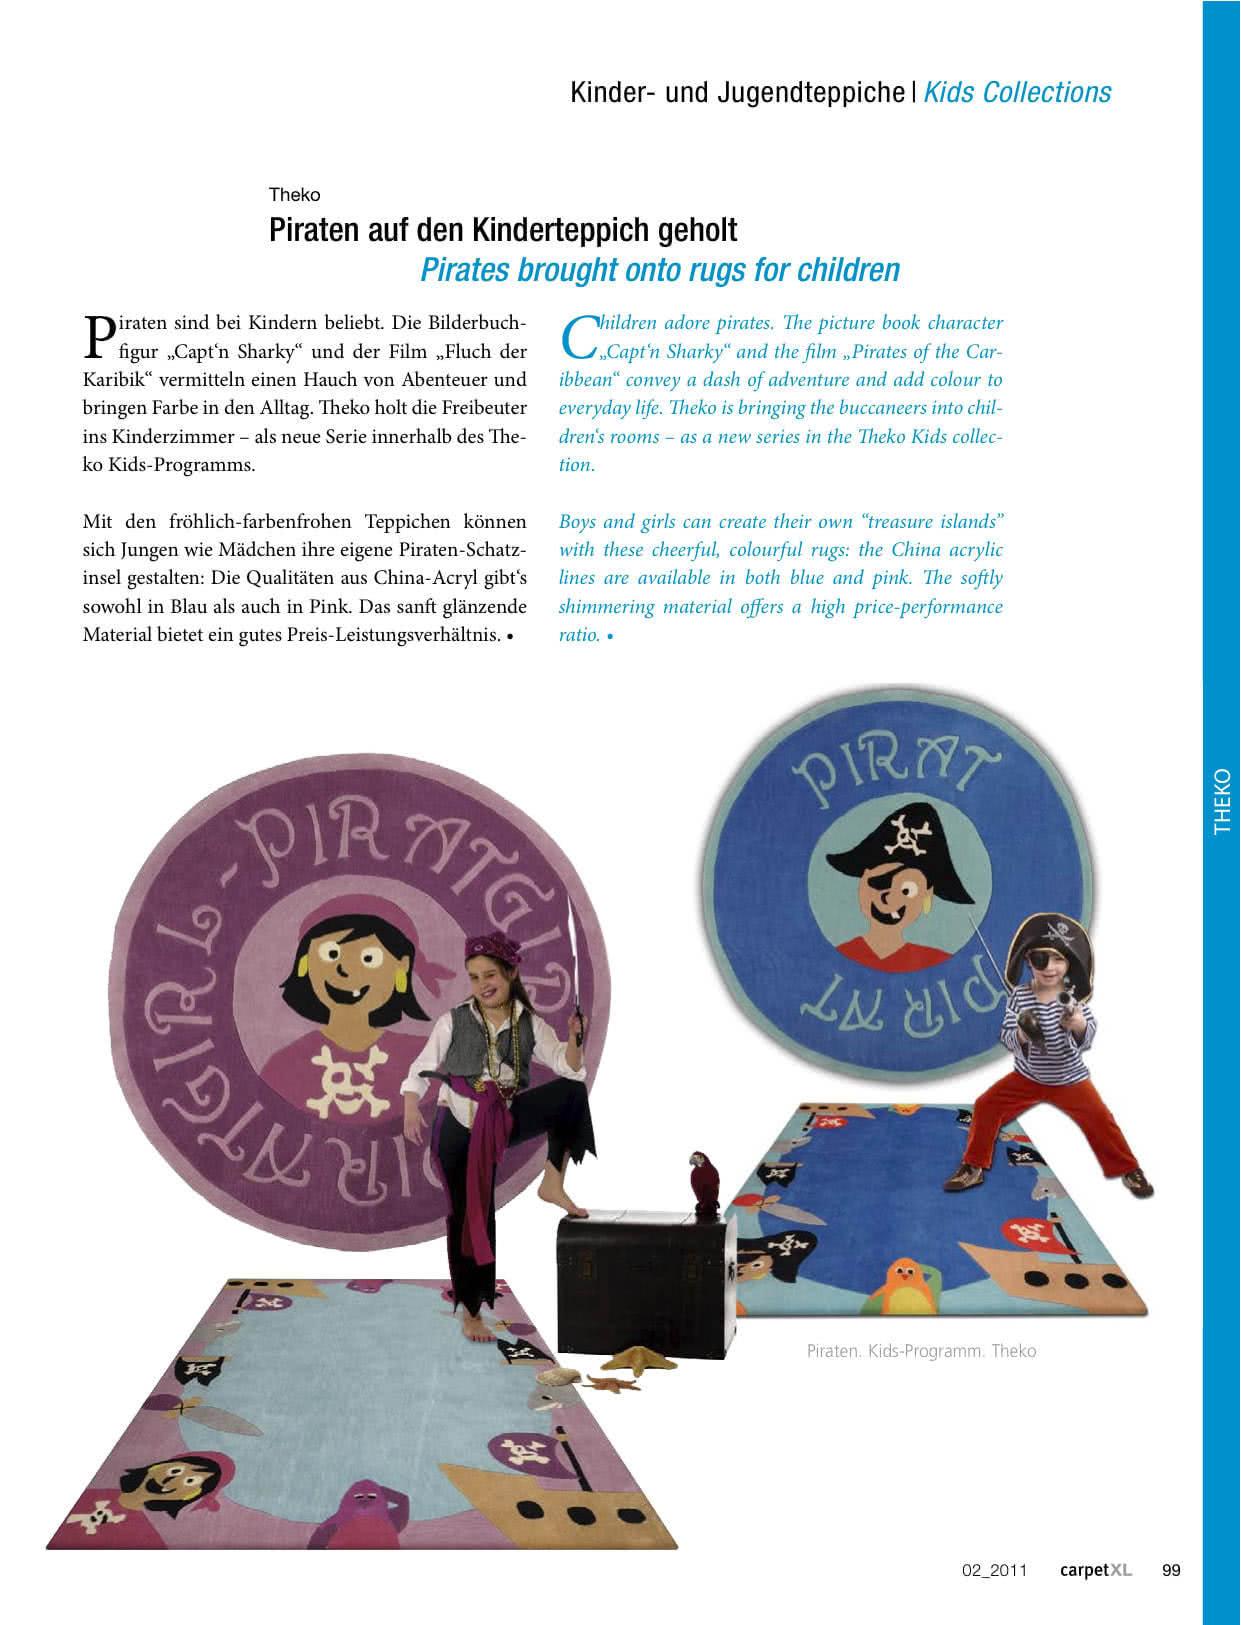 Piraten auf den Kinderteppich geholt